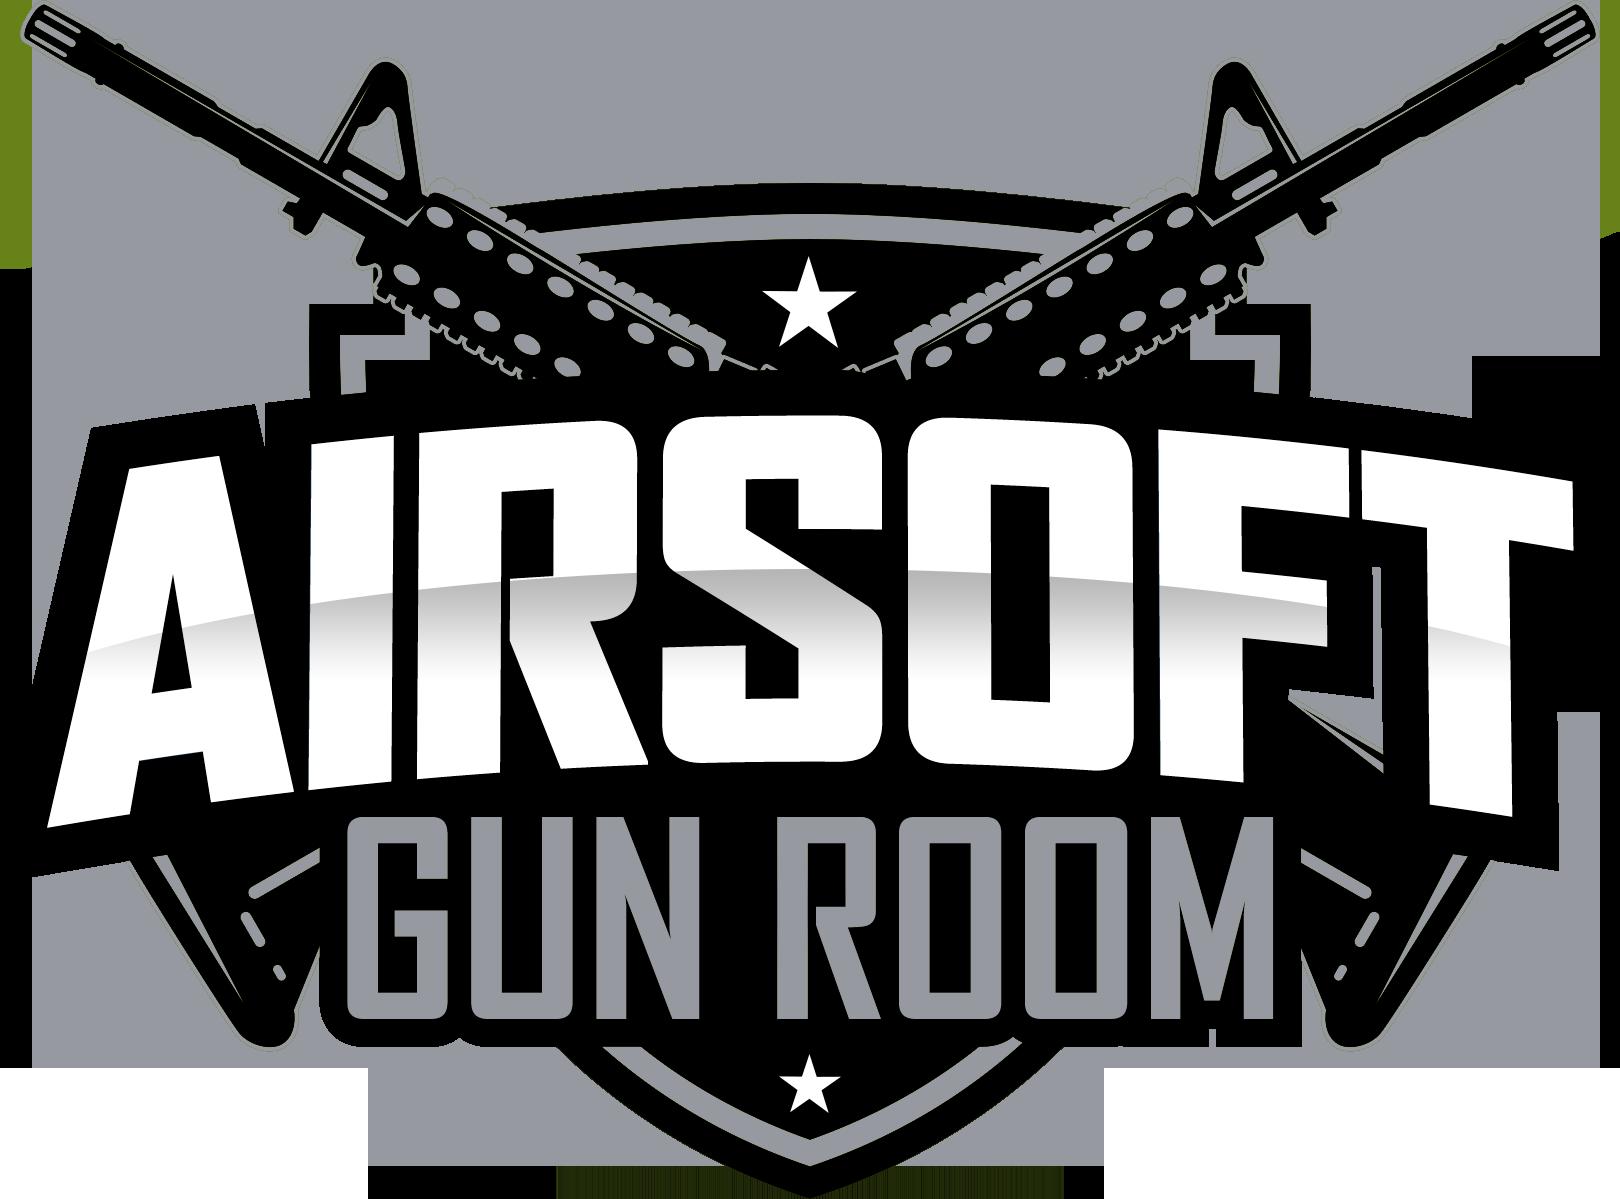 Airsoft Gun Room